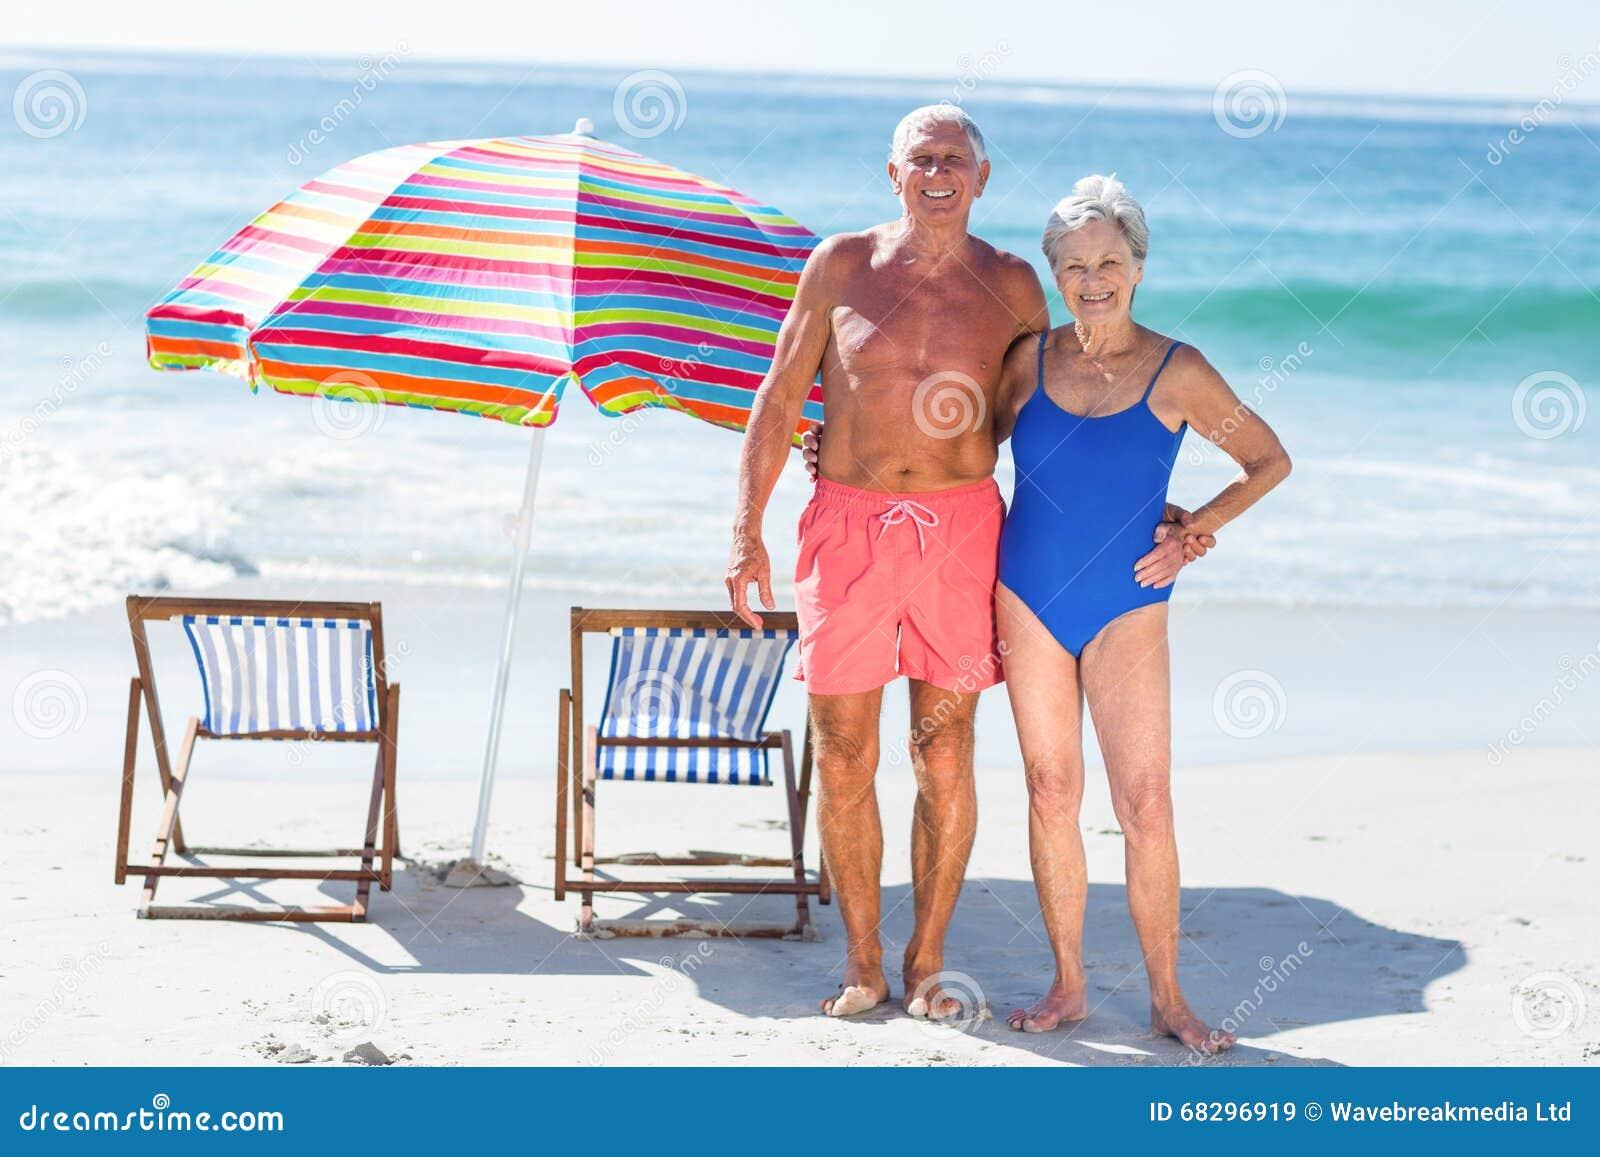 Śliczny dorośleć pary pozuje na plaży